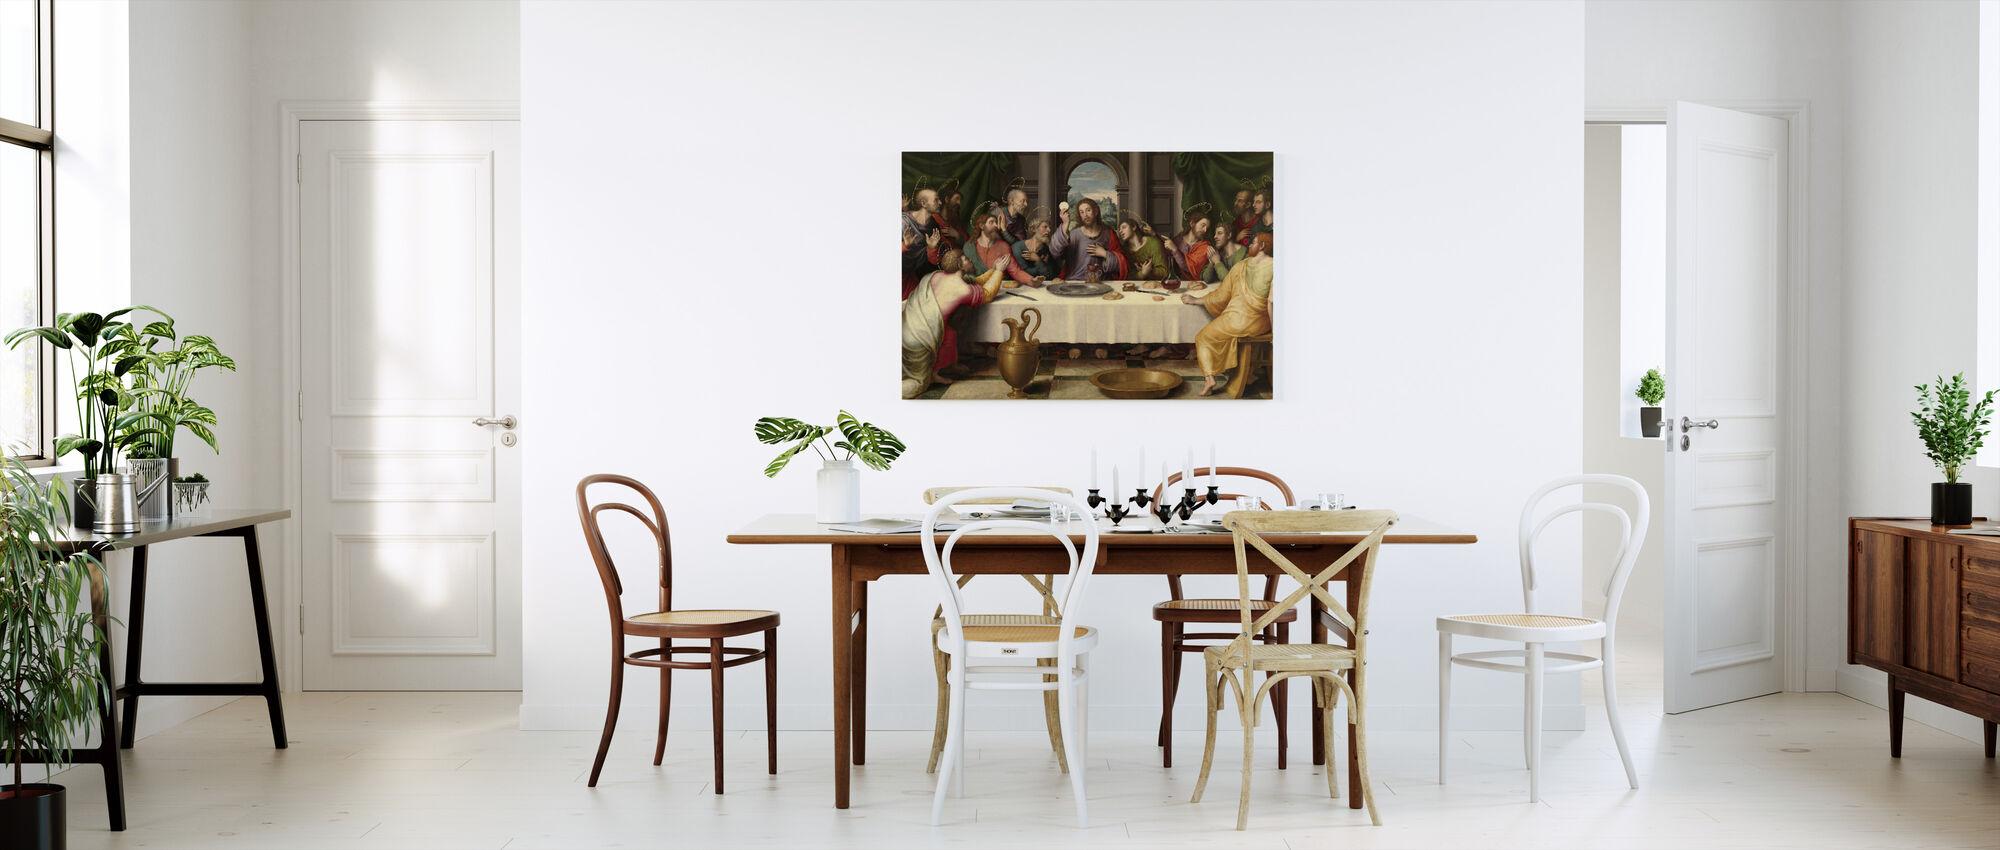 Last Supper Juan De Juanes - Canvas print - Kitchen